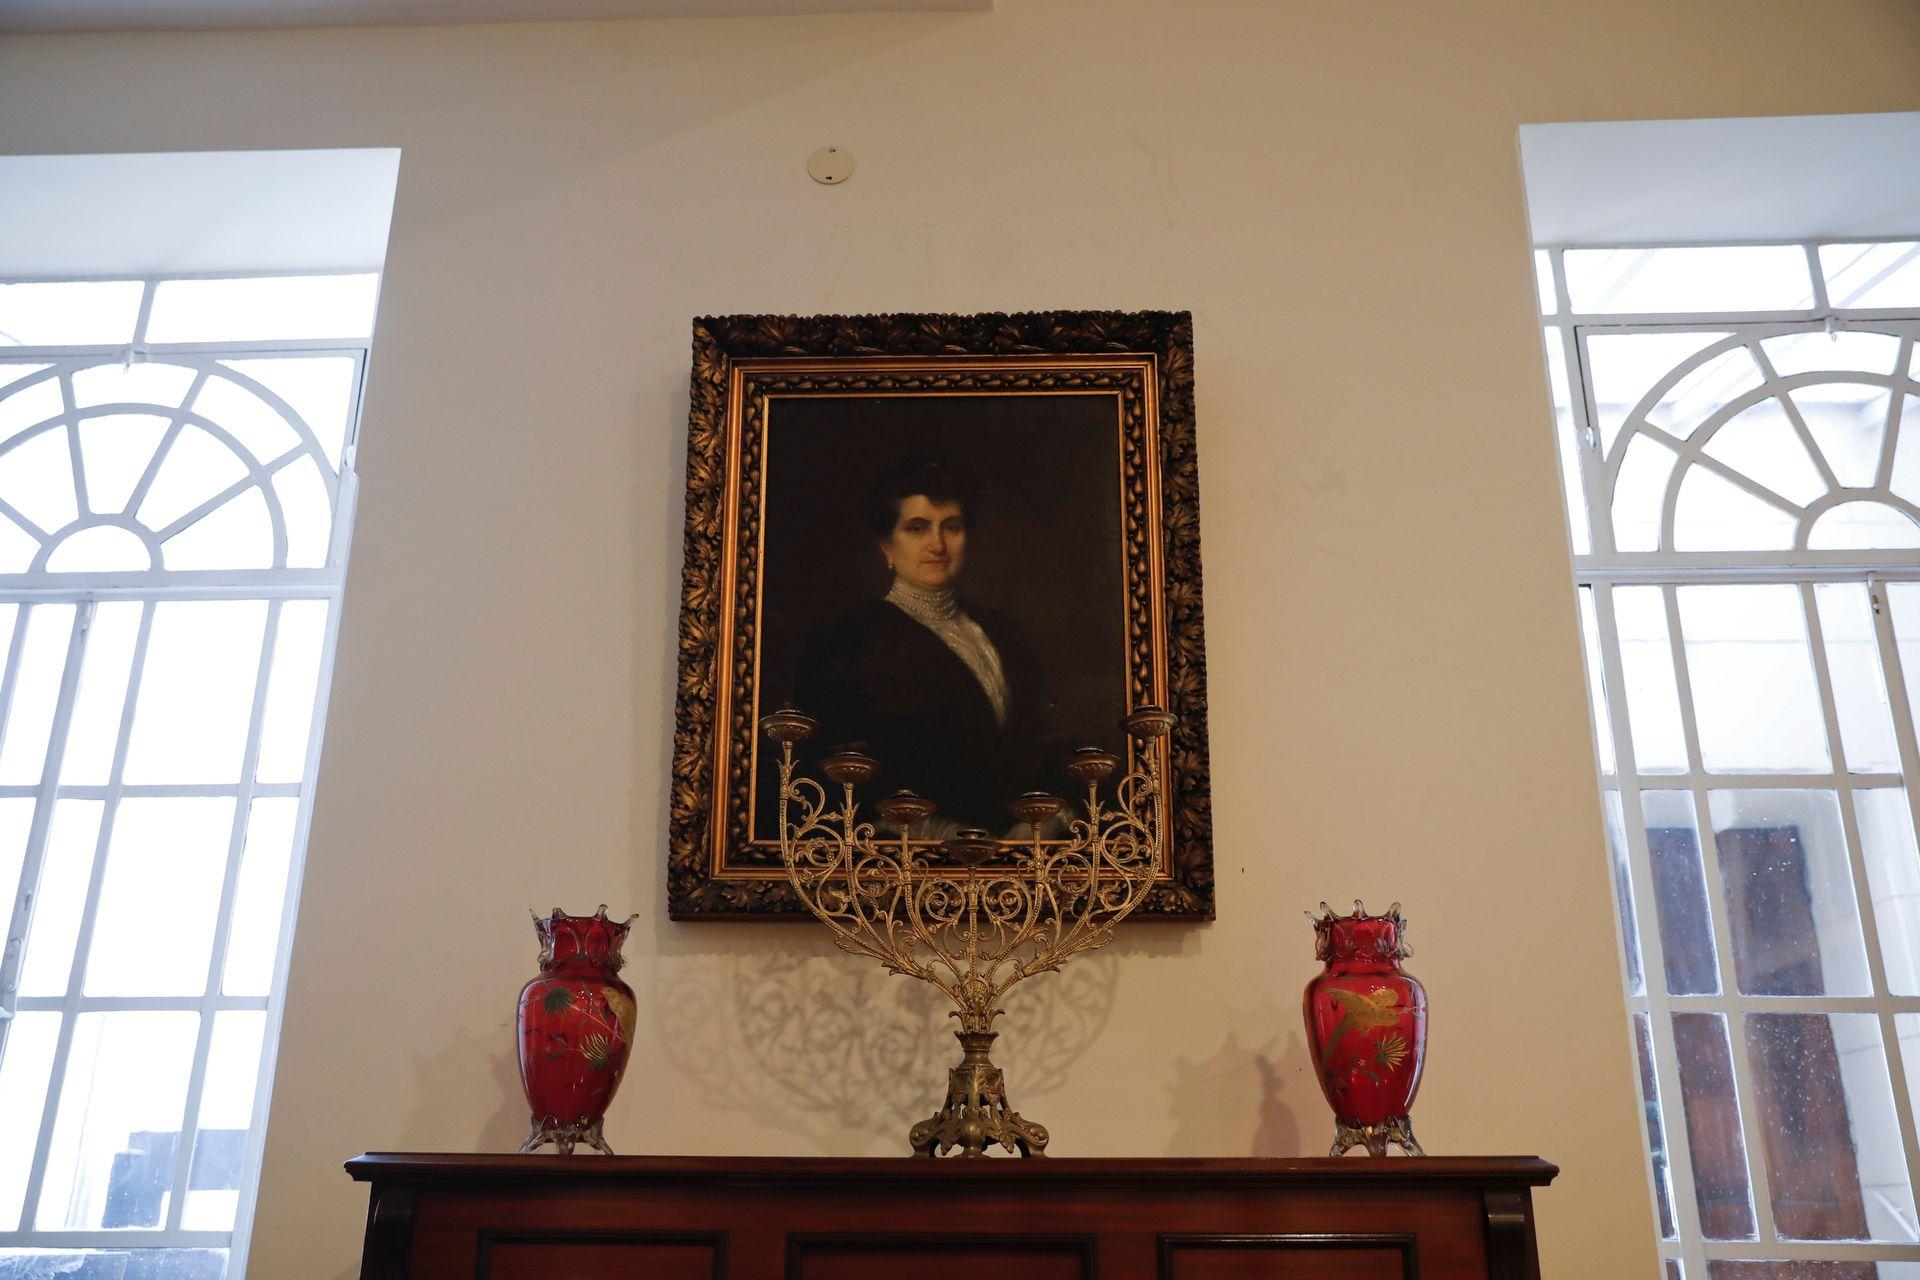 El único retrato de Mercedes castellanos de Anchorena que se encuentra dentro de la Basílica